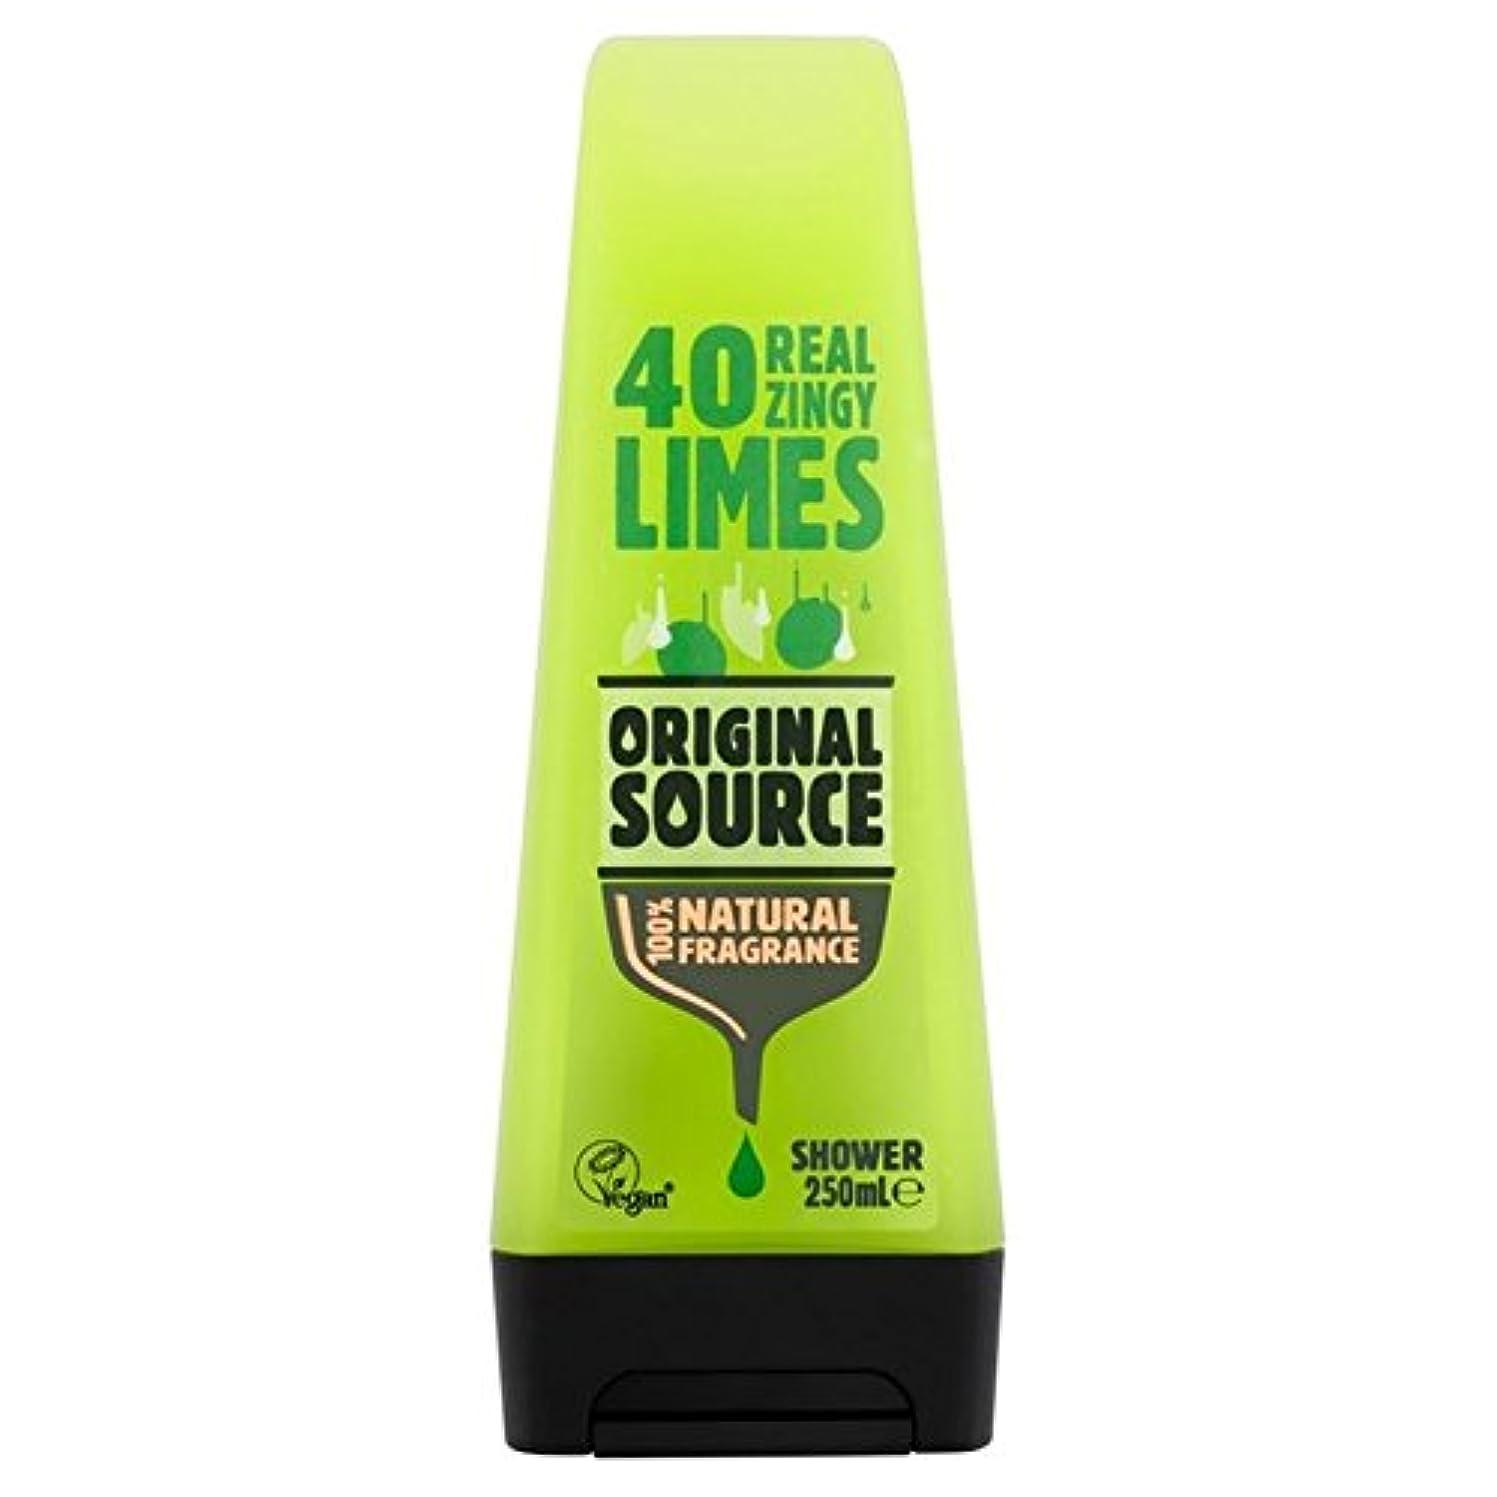 シェルター日放射するOriginal Source Lime Shower Gel 250ml (Pack of 6) - 元のソースライムシャワージェル250ミリリットル x6 [並行輸入品]